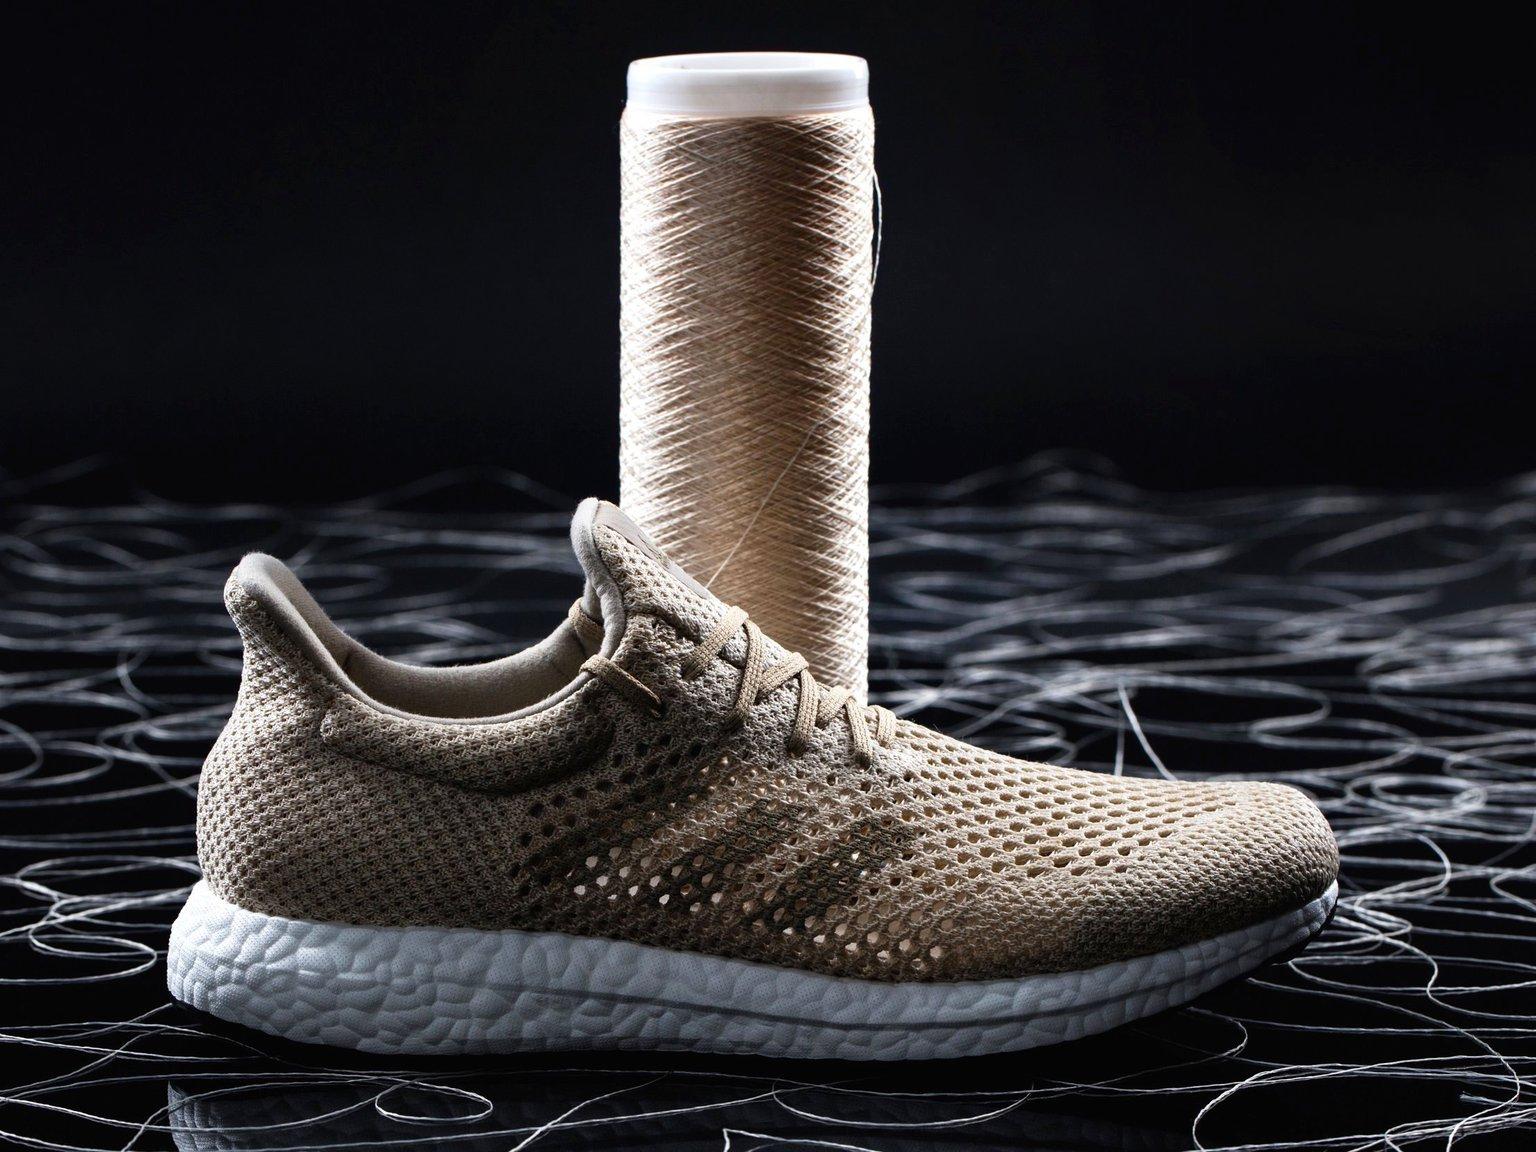 Adidas ha lanciato le scarpe biodegradabili che si dissolvono in 36 ore